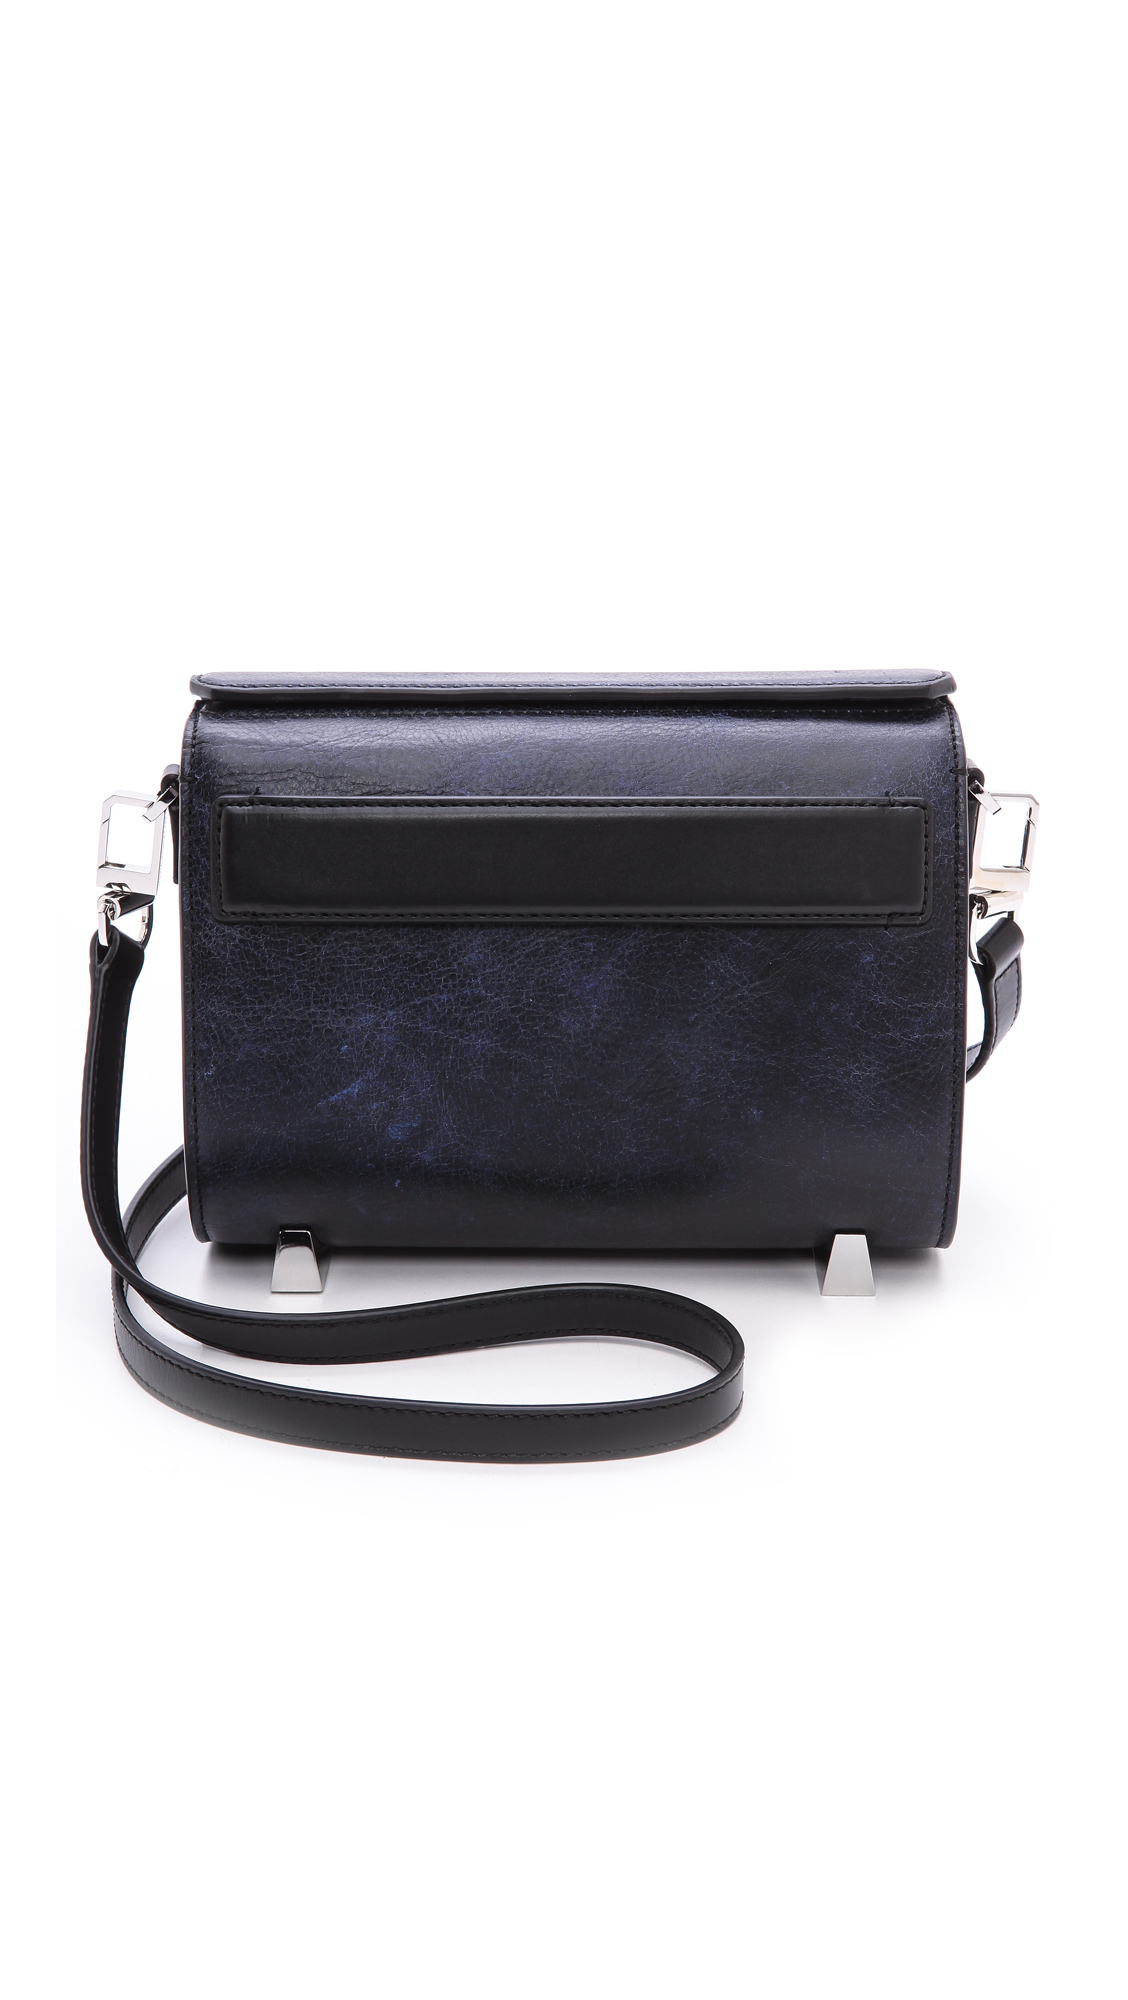 Alexander Wang Mini Crossbody Bag